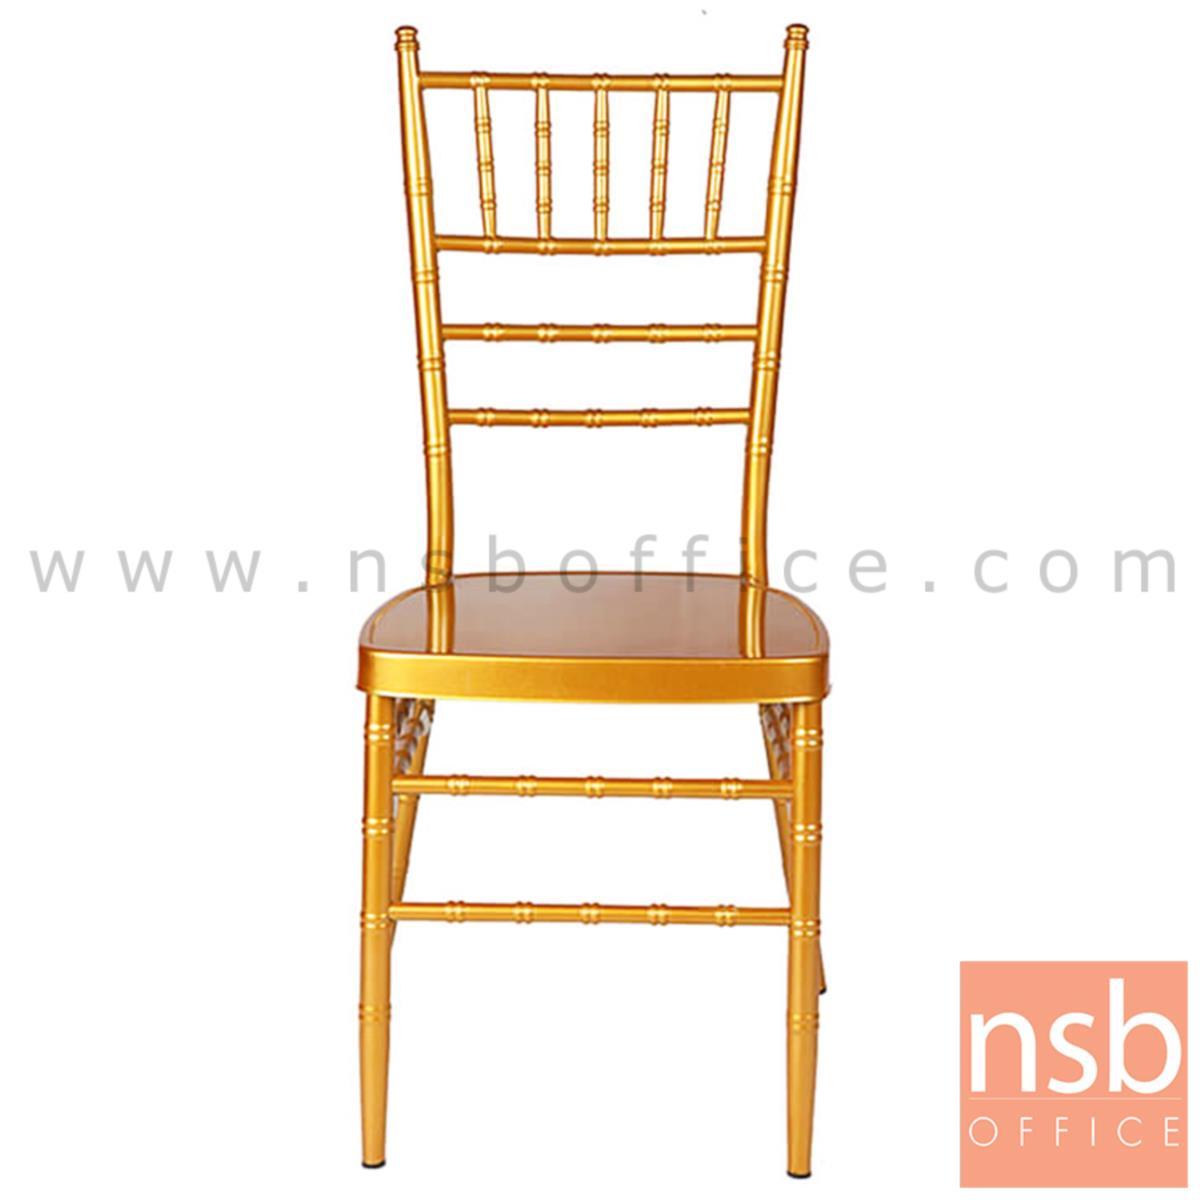 เก้าอี้ชิวารี รุ่น Tiffany (ทิฟฟานี่) ขนาด 40w cm.  โครงขาเหล็ก